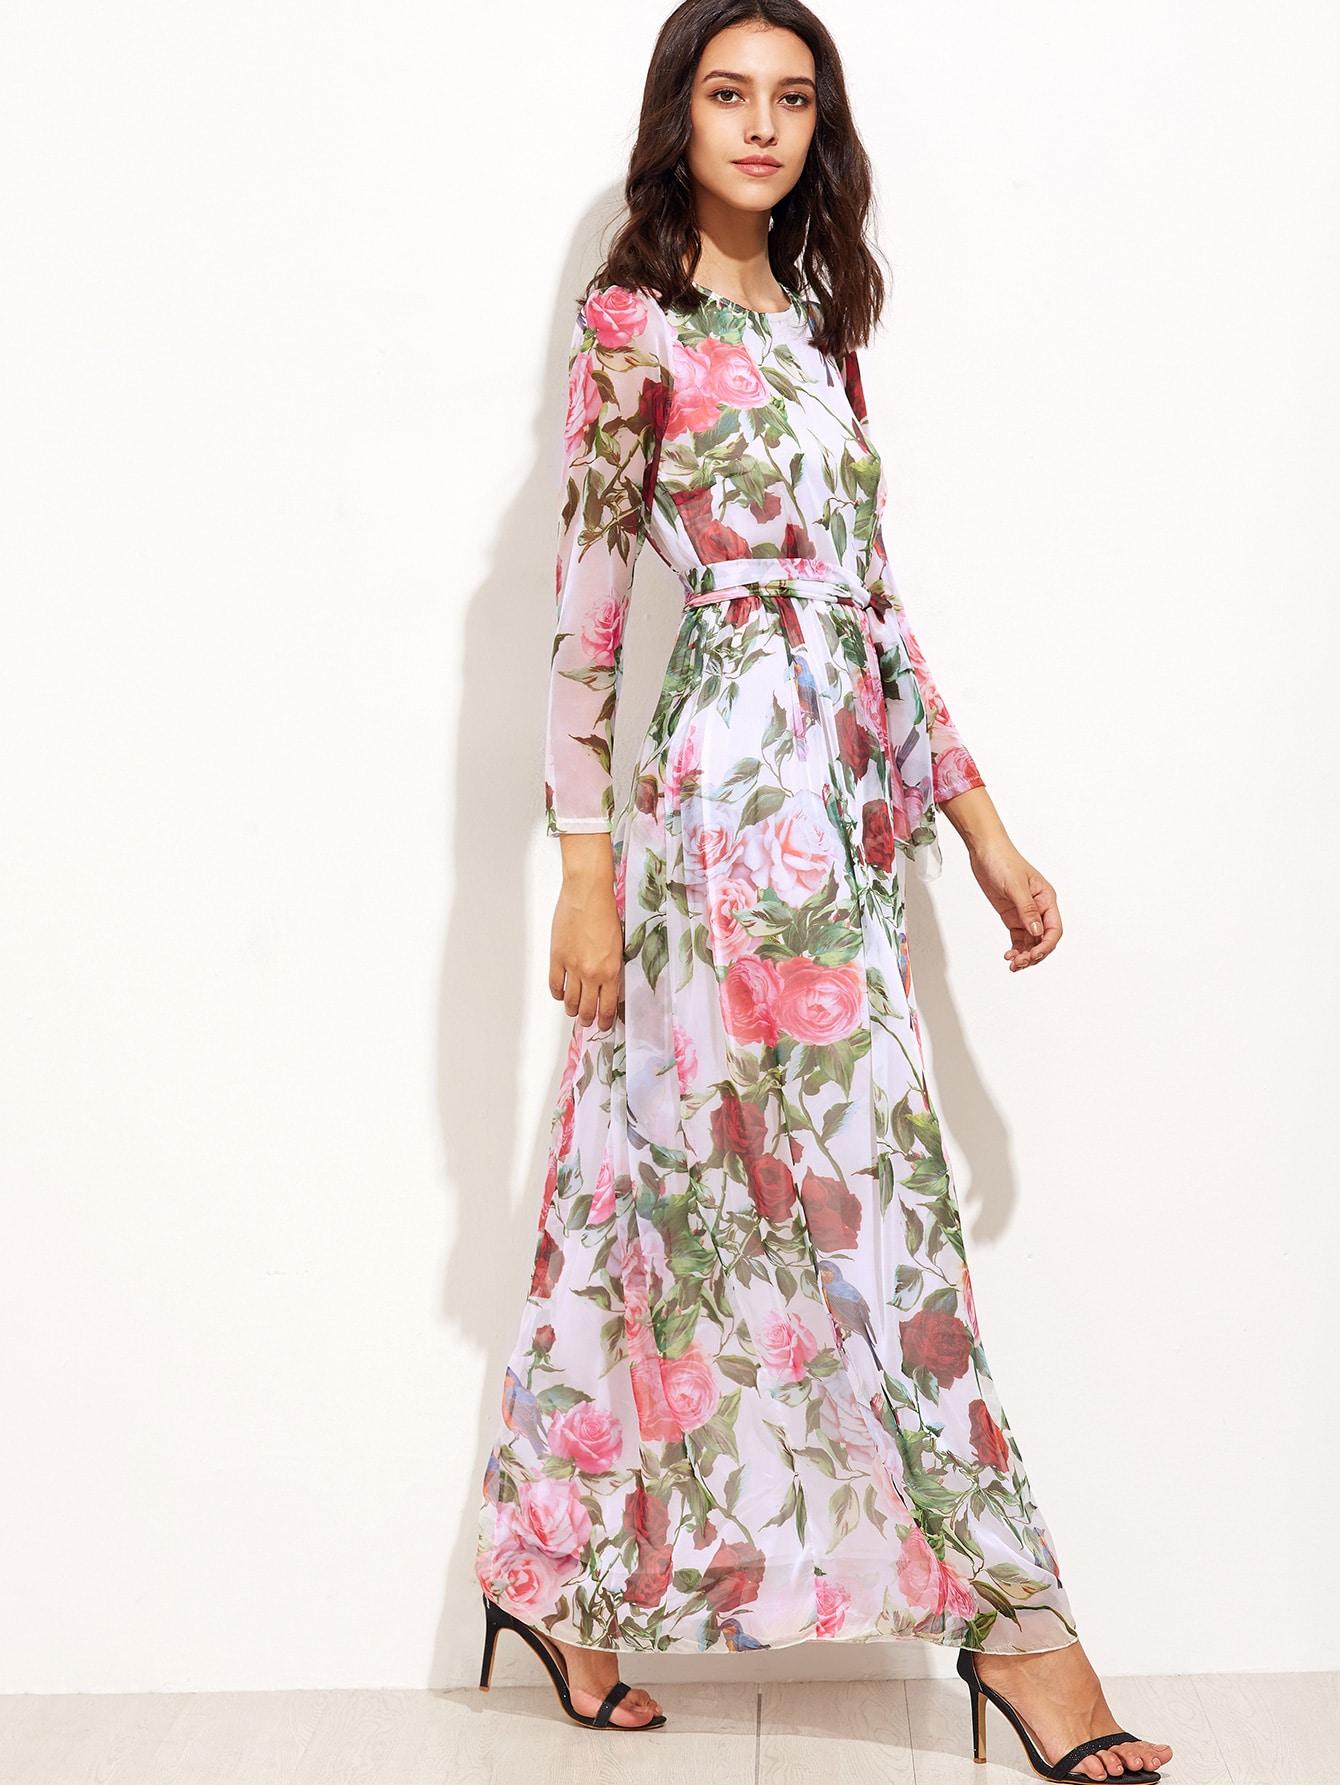 dress160907103_2